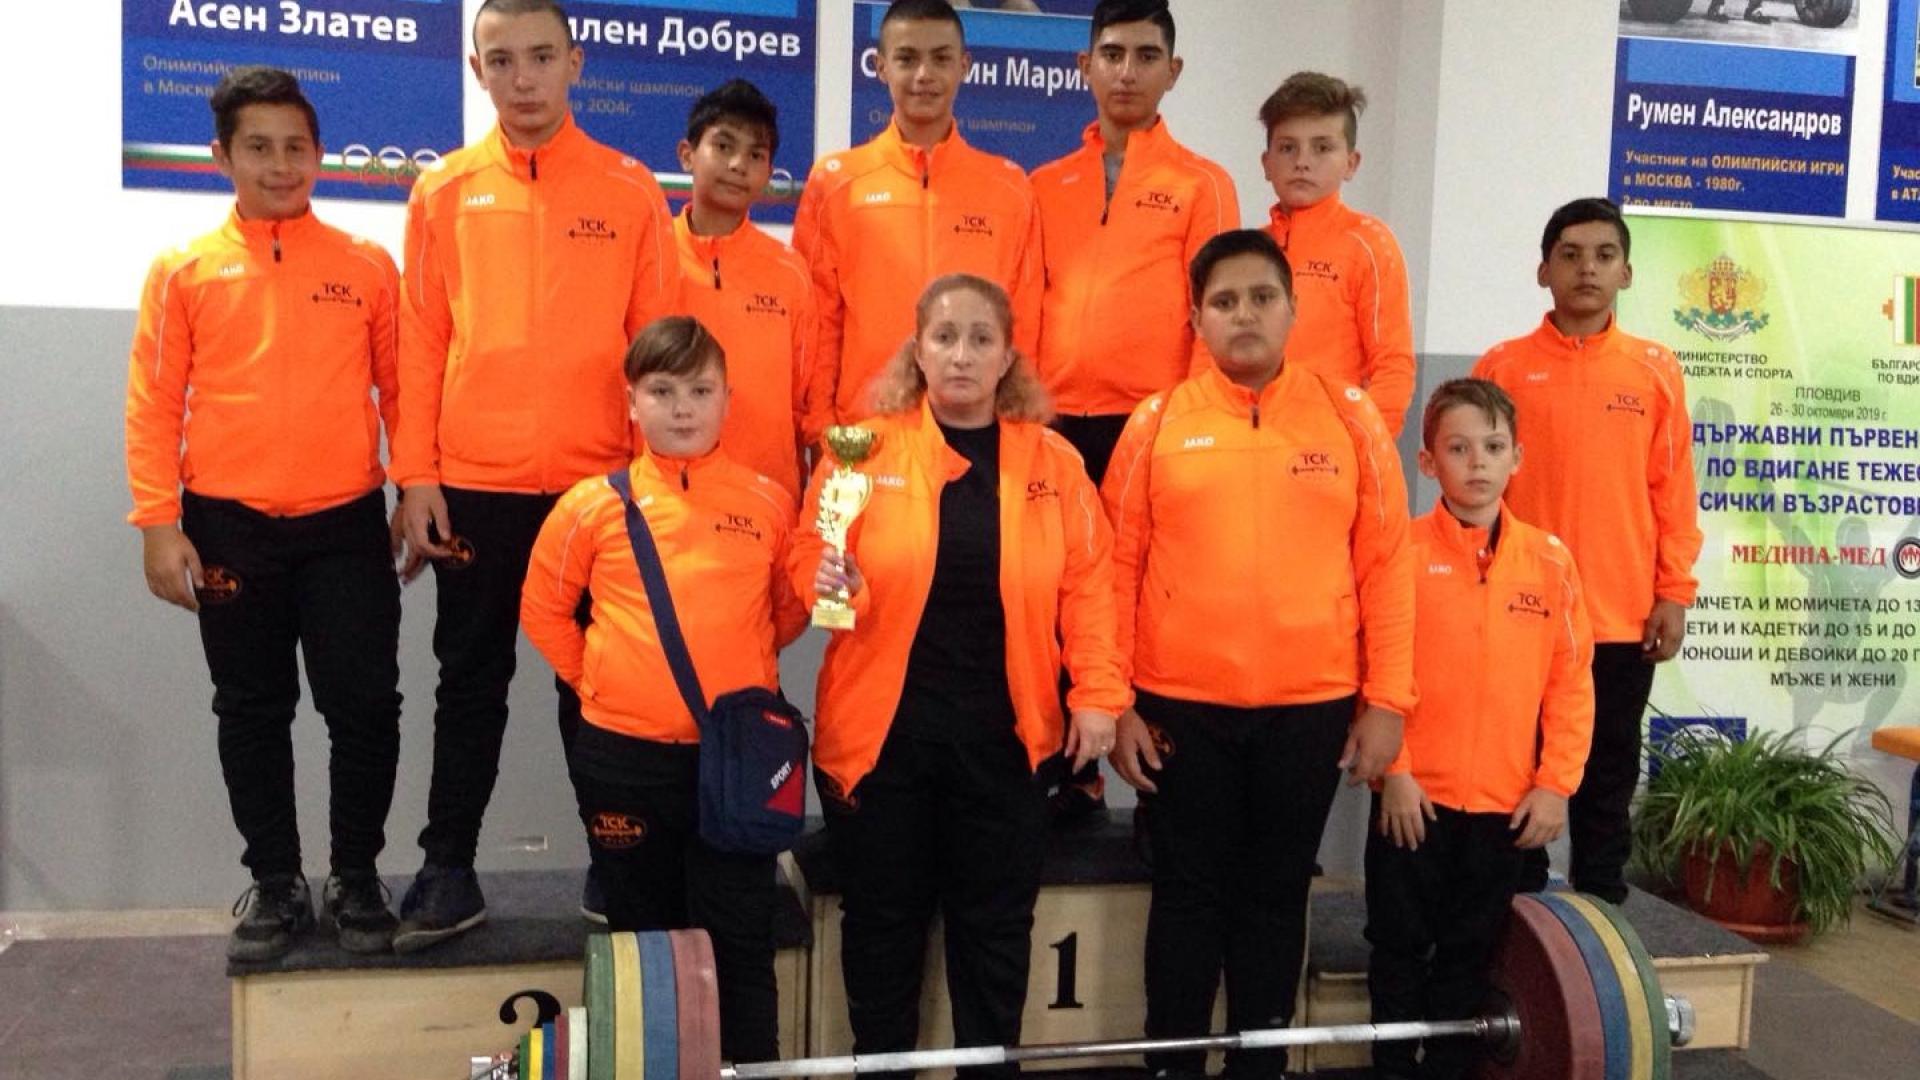 Русенски щангисти се включват в Държавното отборно първенство по вдигане на тежести